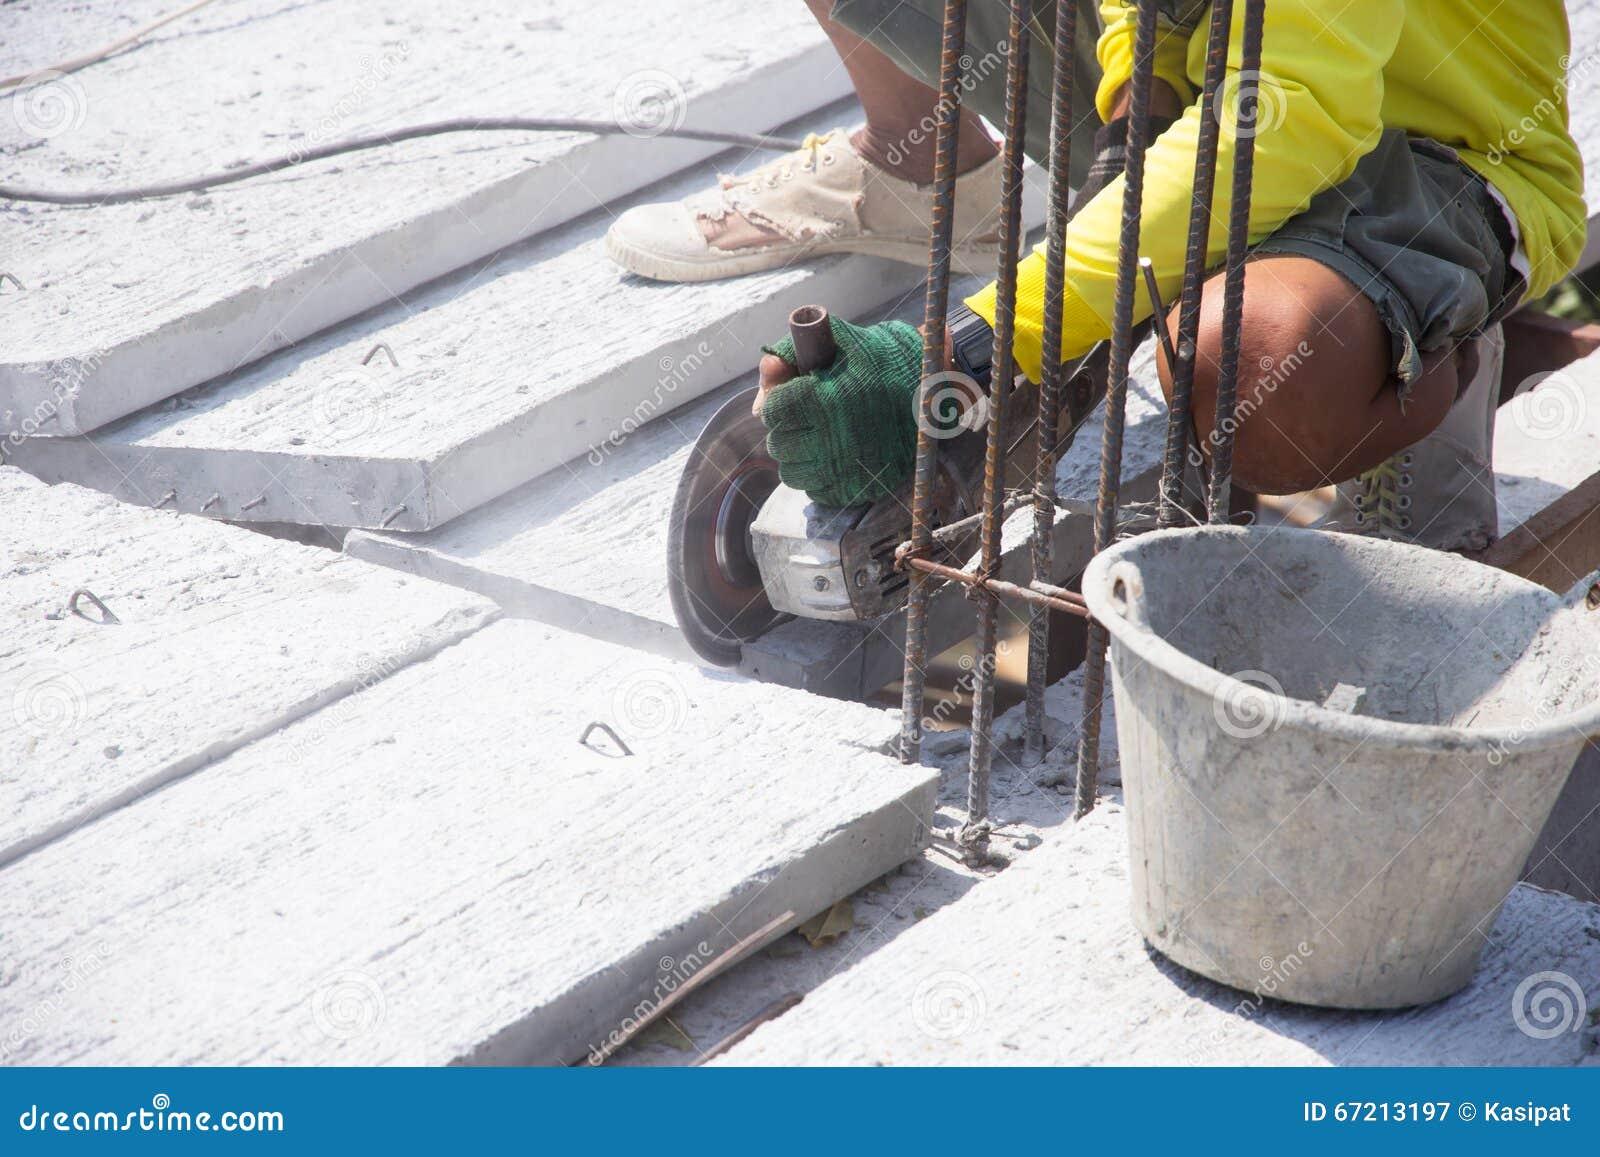 schneiden sie betonplatte stockbild. bild von gebrochen - 67213197